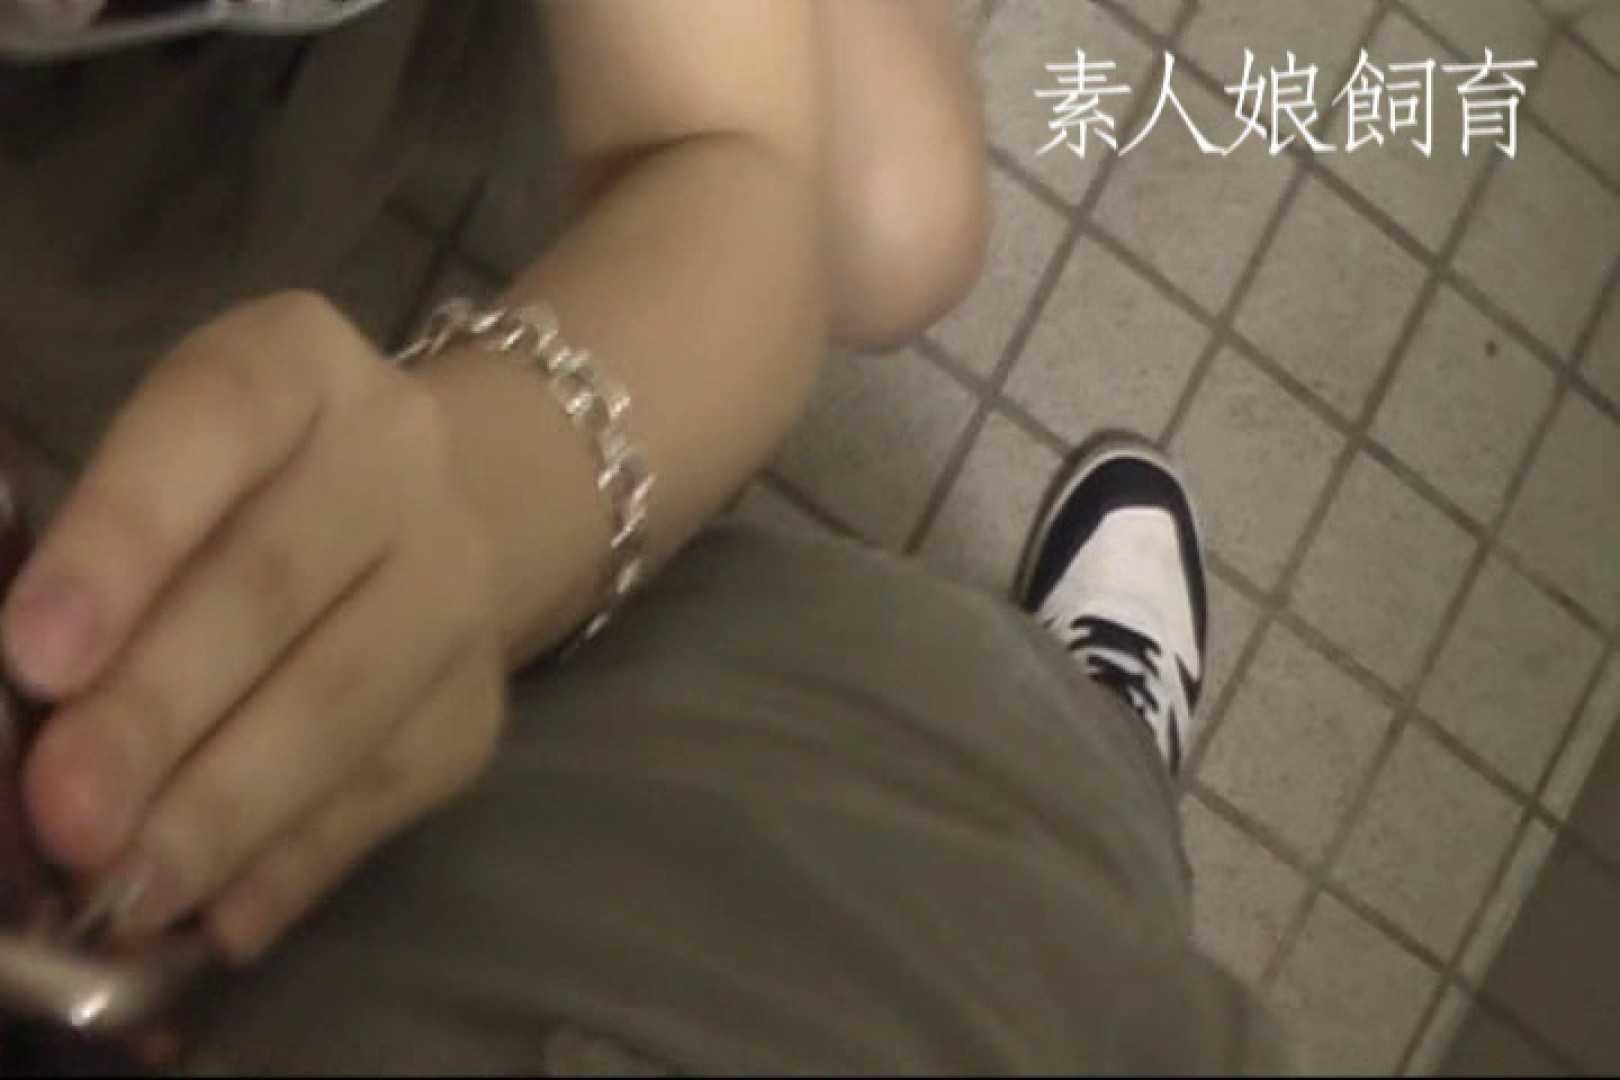 素人嬢飼育~お前の餌は他人棒~公衆トイレ 一般投稿 盗撮画像 77枚 57